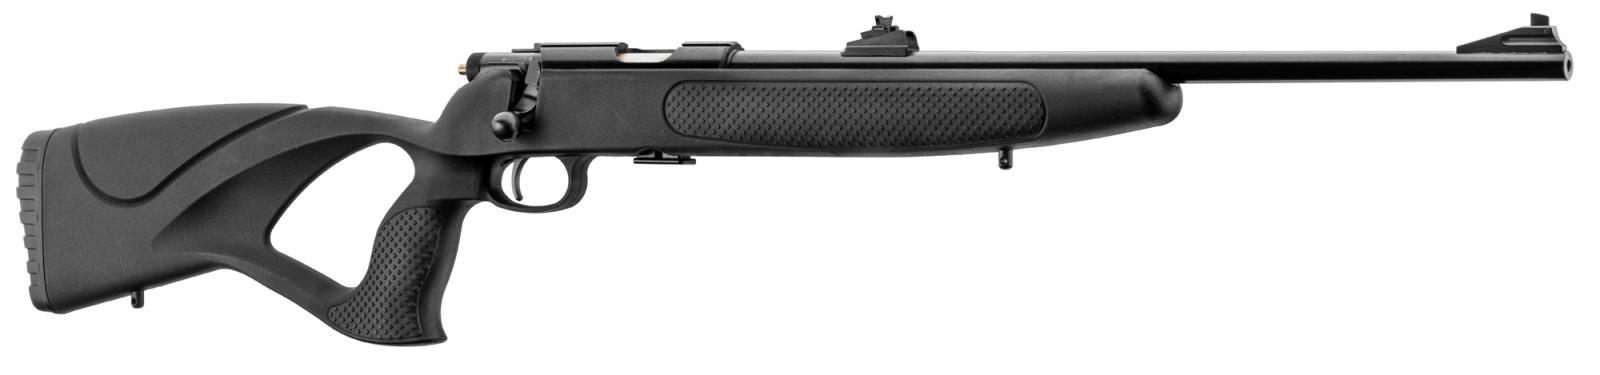 Carabine 22 Lr a répétition BO MANUFACTURE EQUALITY MAKER EM332